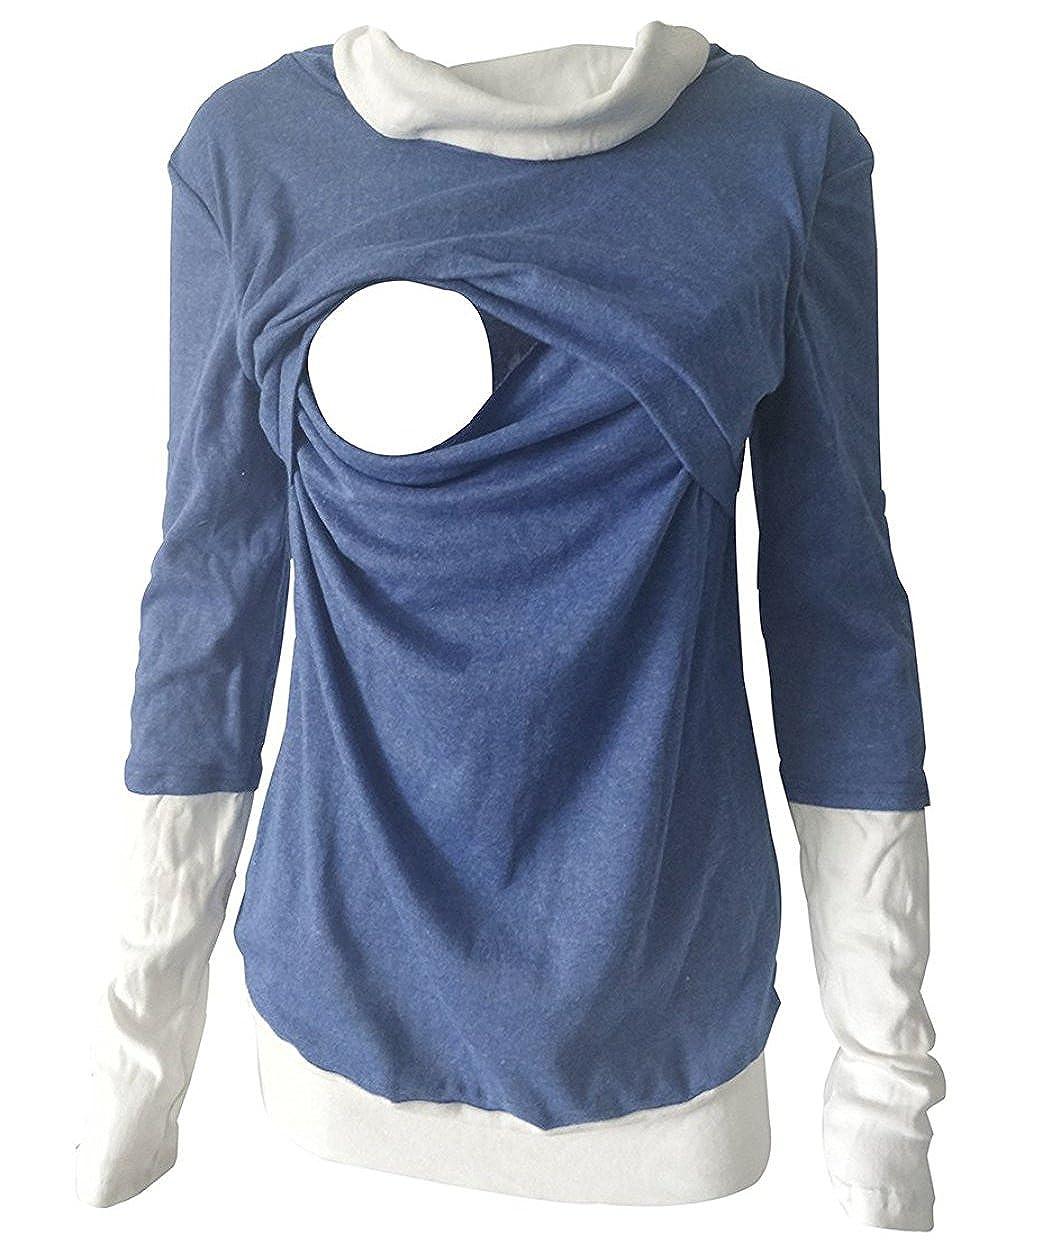 LUKYCILD SWEATER B075ND8Y2W ブルー LUKYCILD SWEATER B075ND8Y2W S, 豆腐の佐嘉平川屋:5bebcfff --- cooleycoastrun.com